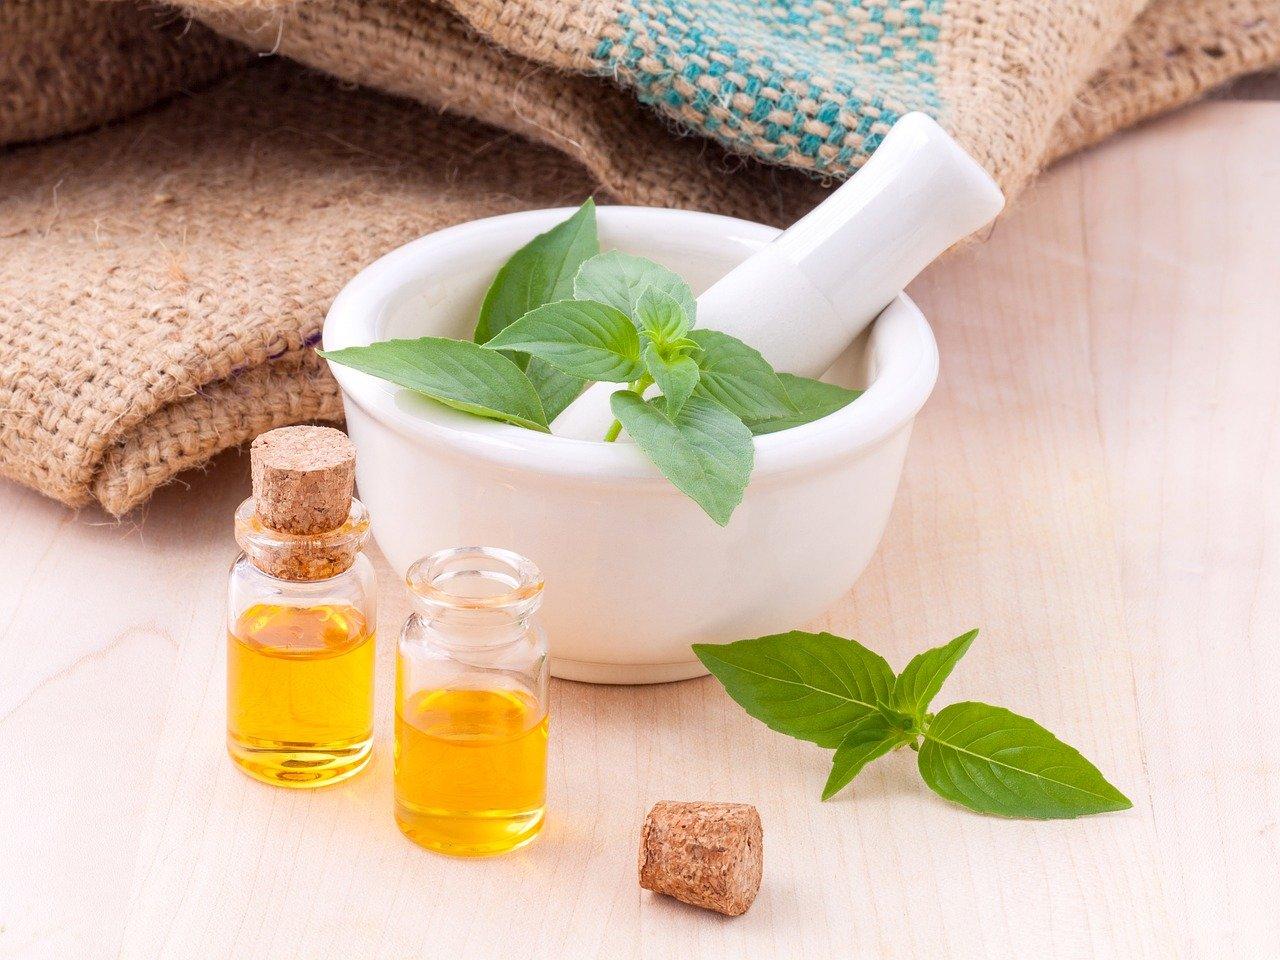 Como hacer sérum con ácido hialurónico en casa